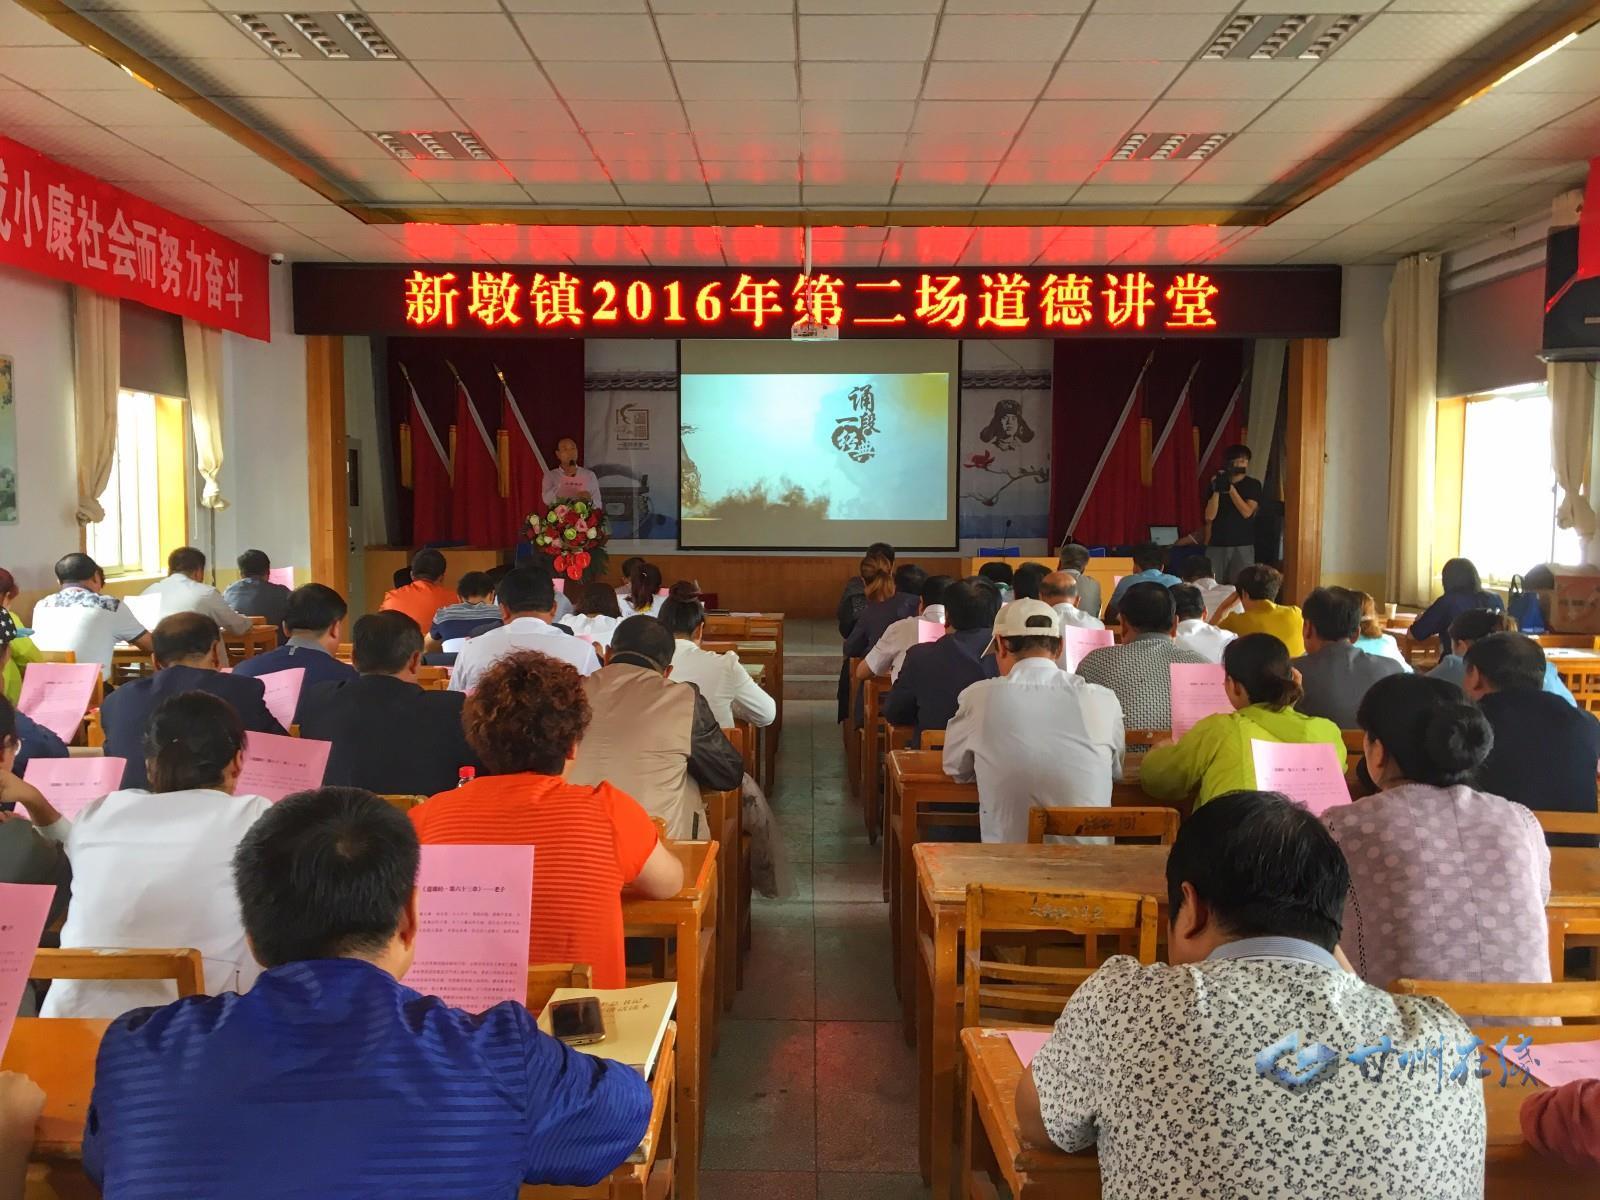 甘州区新墩镇举办2016年第二场道德讲堂